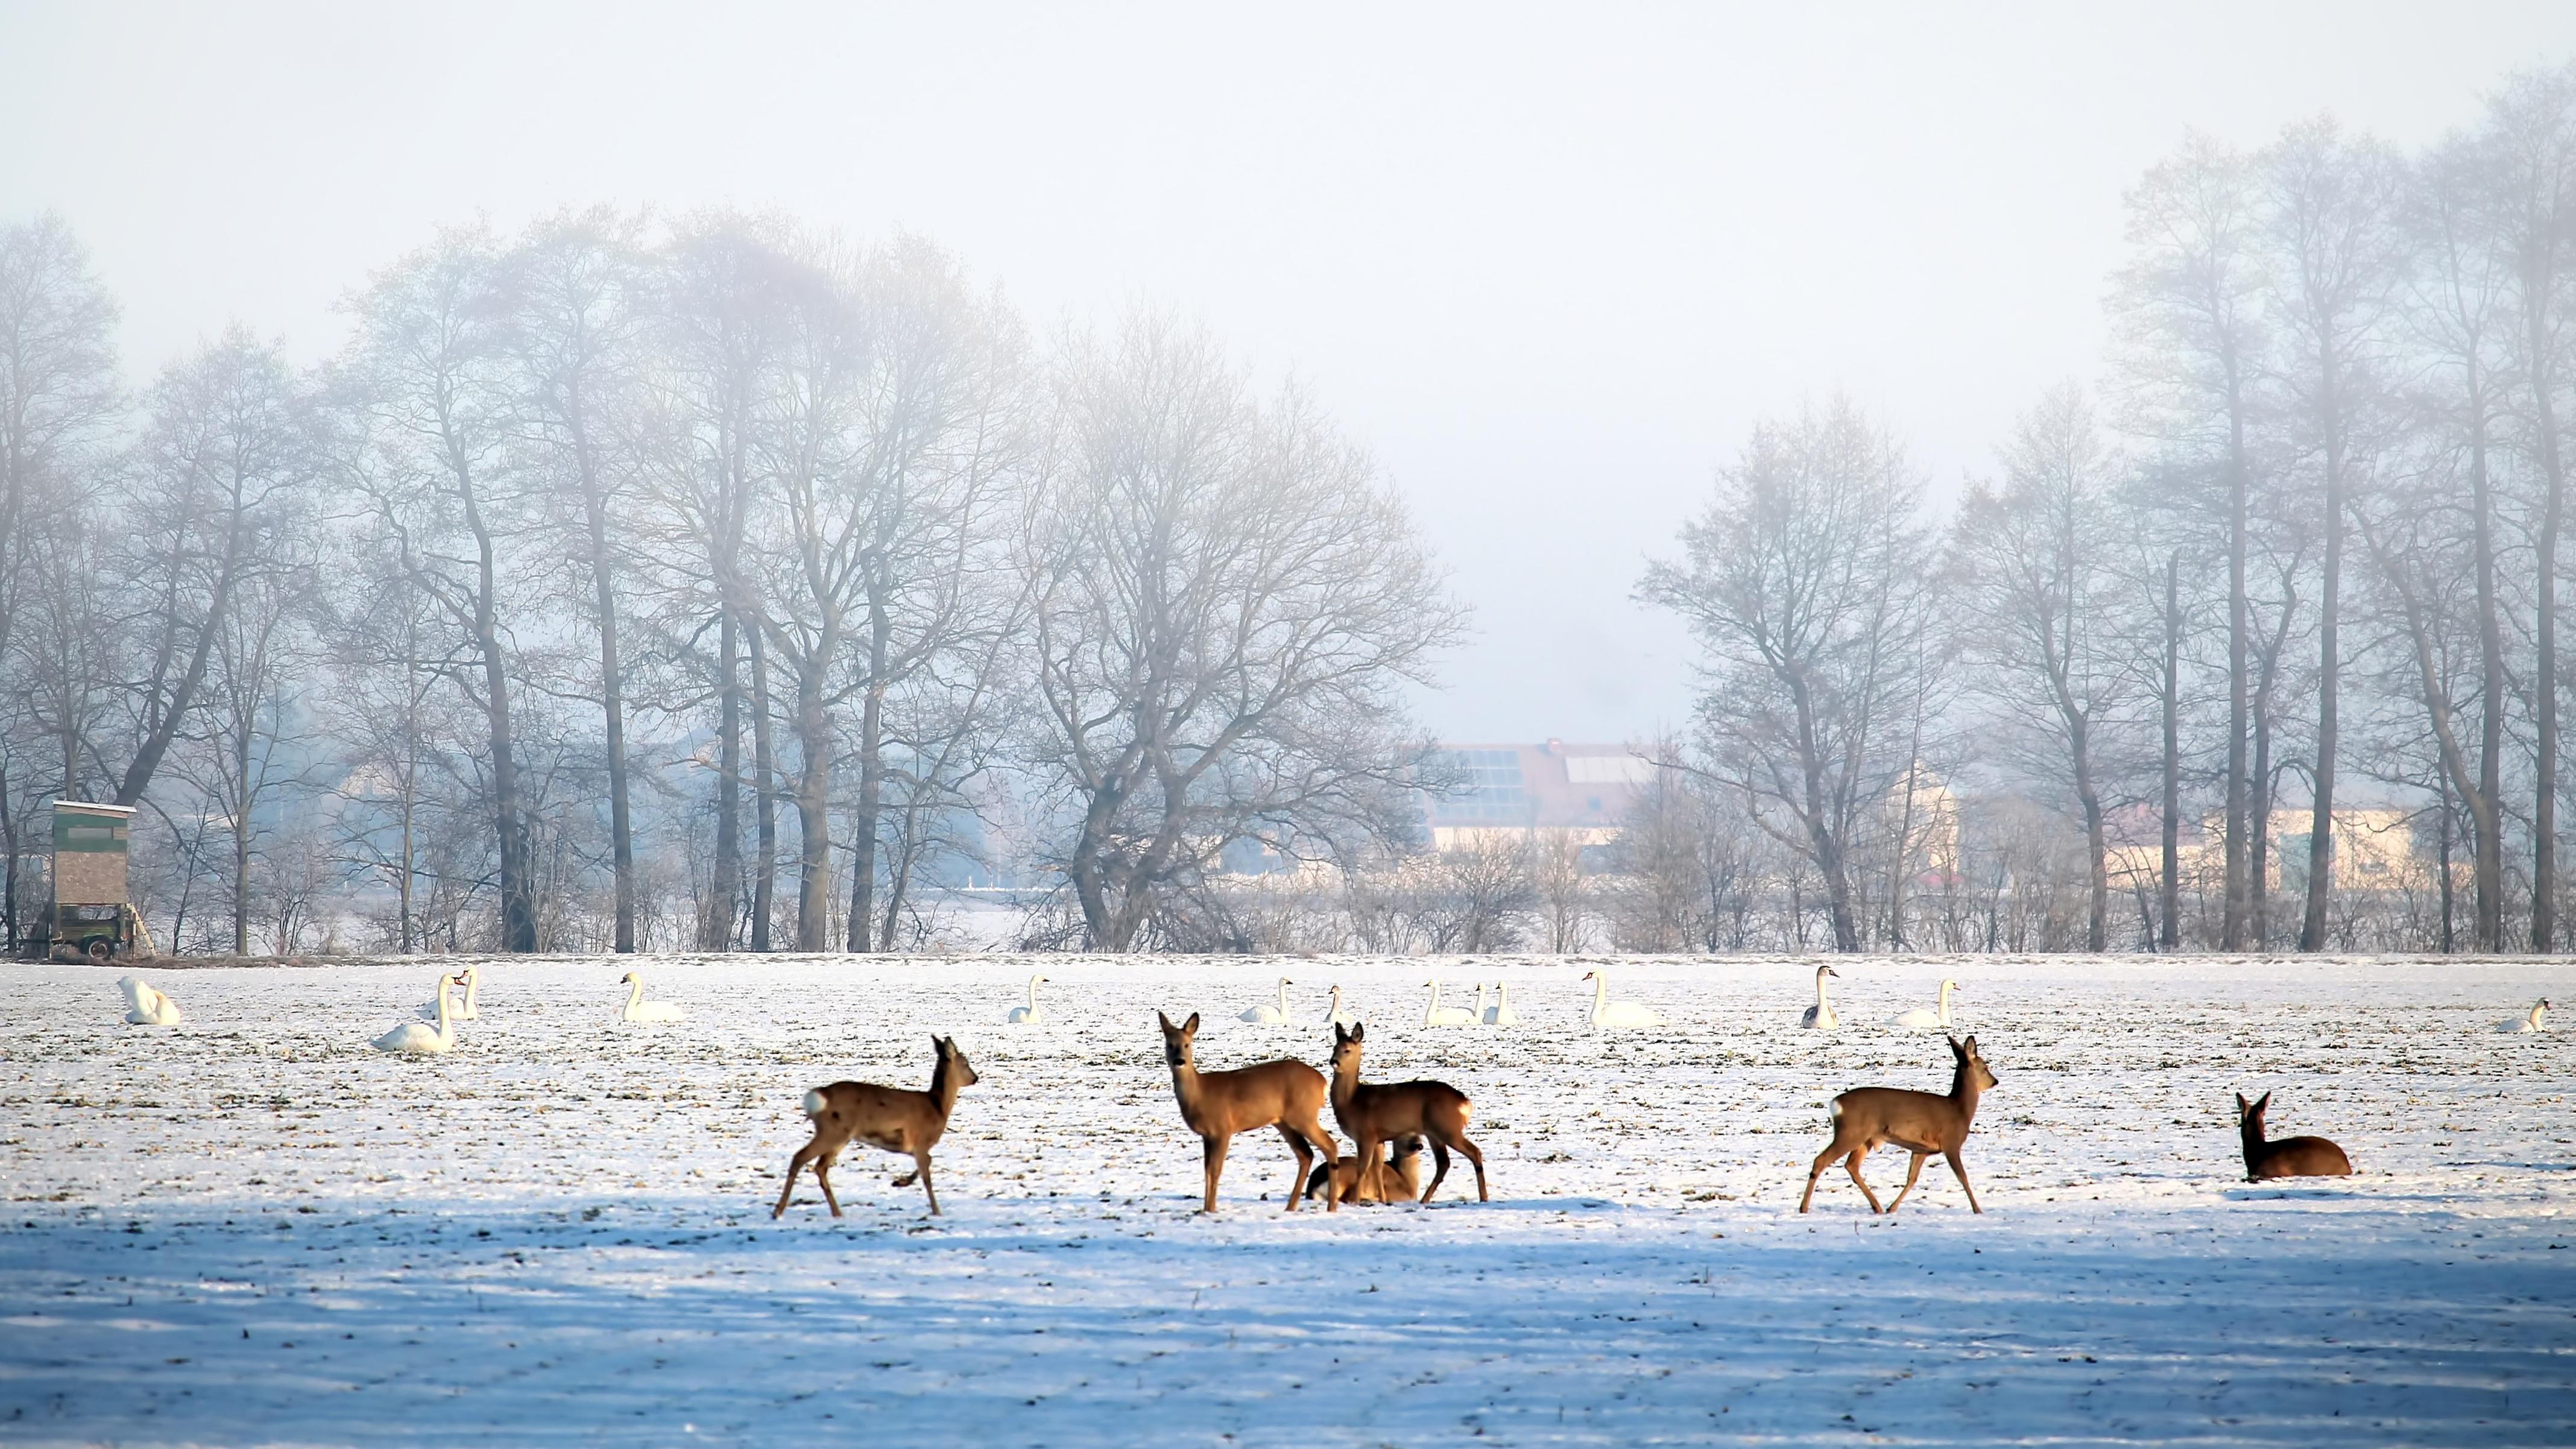 Images gratuites paysage hiver du froid glac neige - Photos de neige gratuites ...